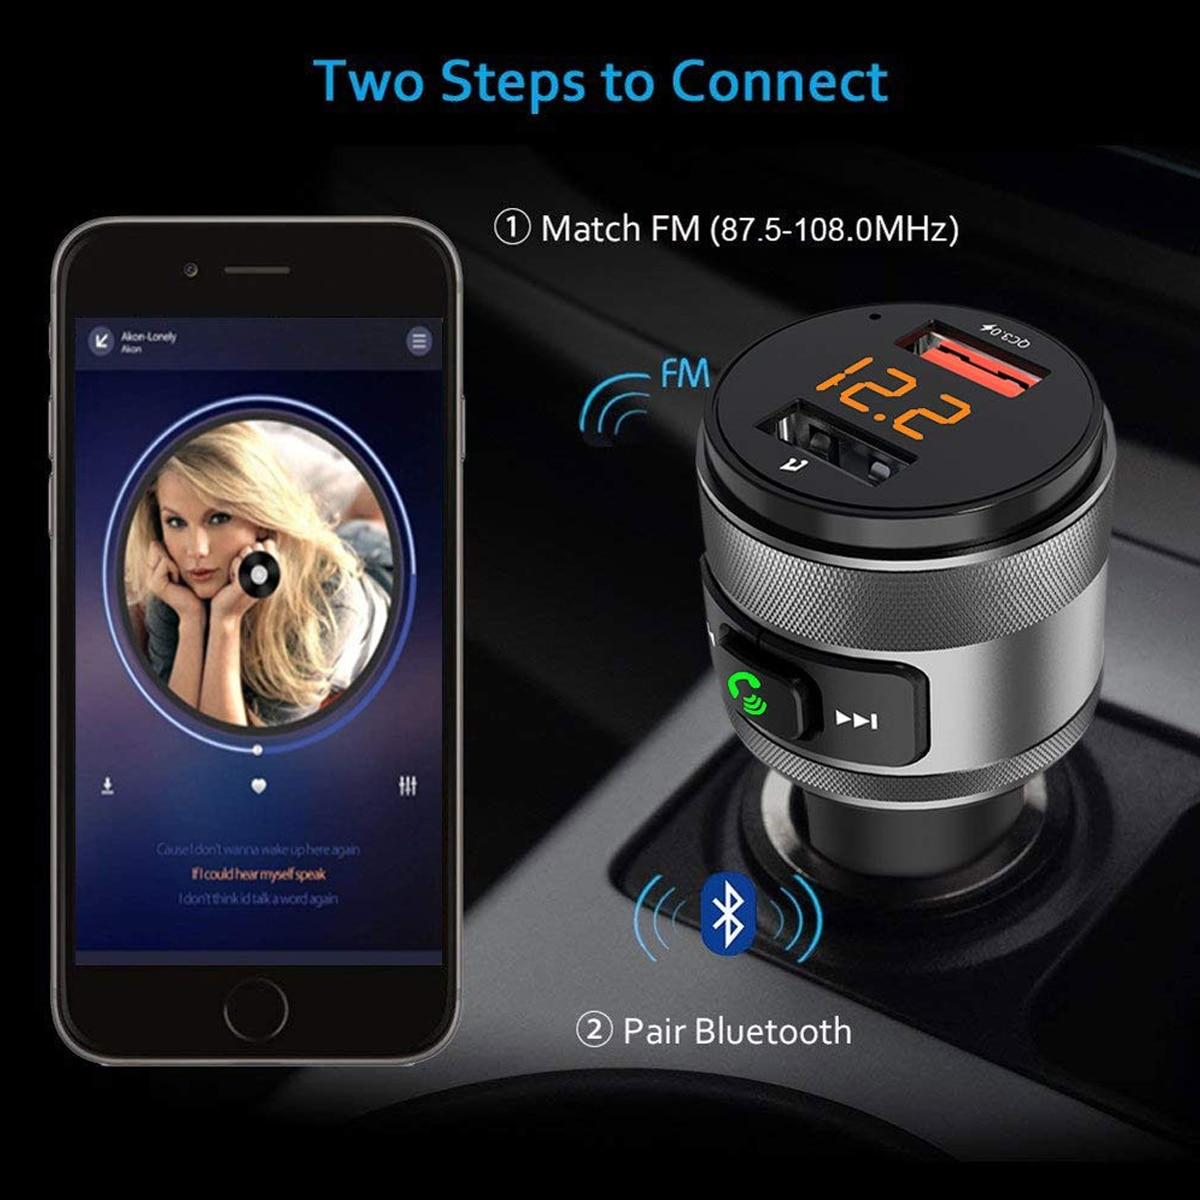 Image 3 - Автомобильное зарядное устройство C57 с двумя usb портами quick charge 3,0, Bluetooth, fm передатчик, автомобильный комплект, MP3 музыкальный плеер, беспроводной fm радио адаптер-in FM-трансмиттеры from Автомобили и мотоциклы on AliExpress - 11.11_Double 11_Singles' Day